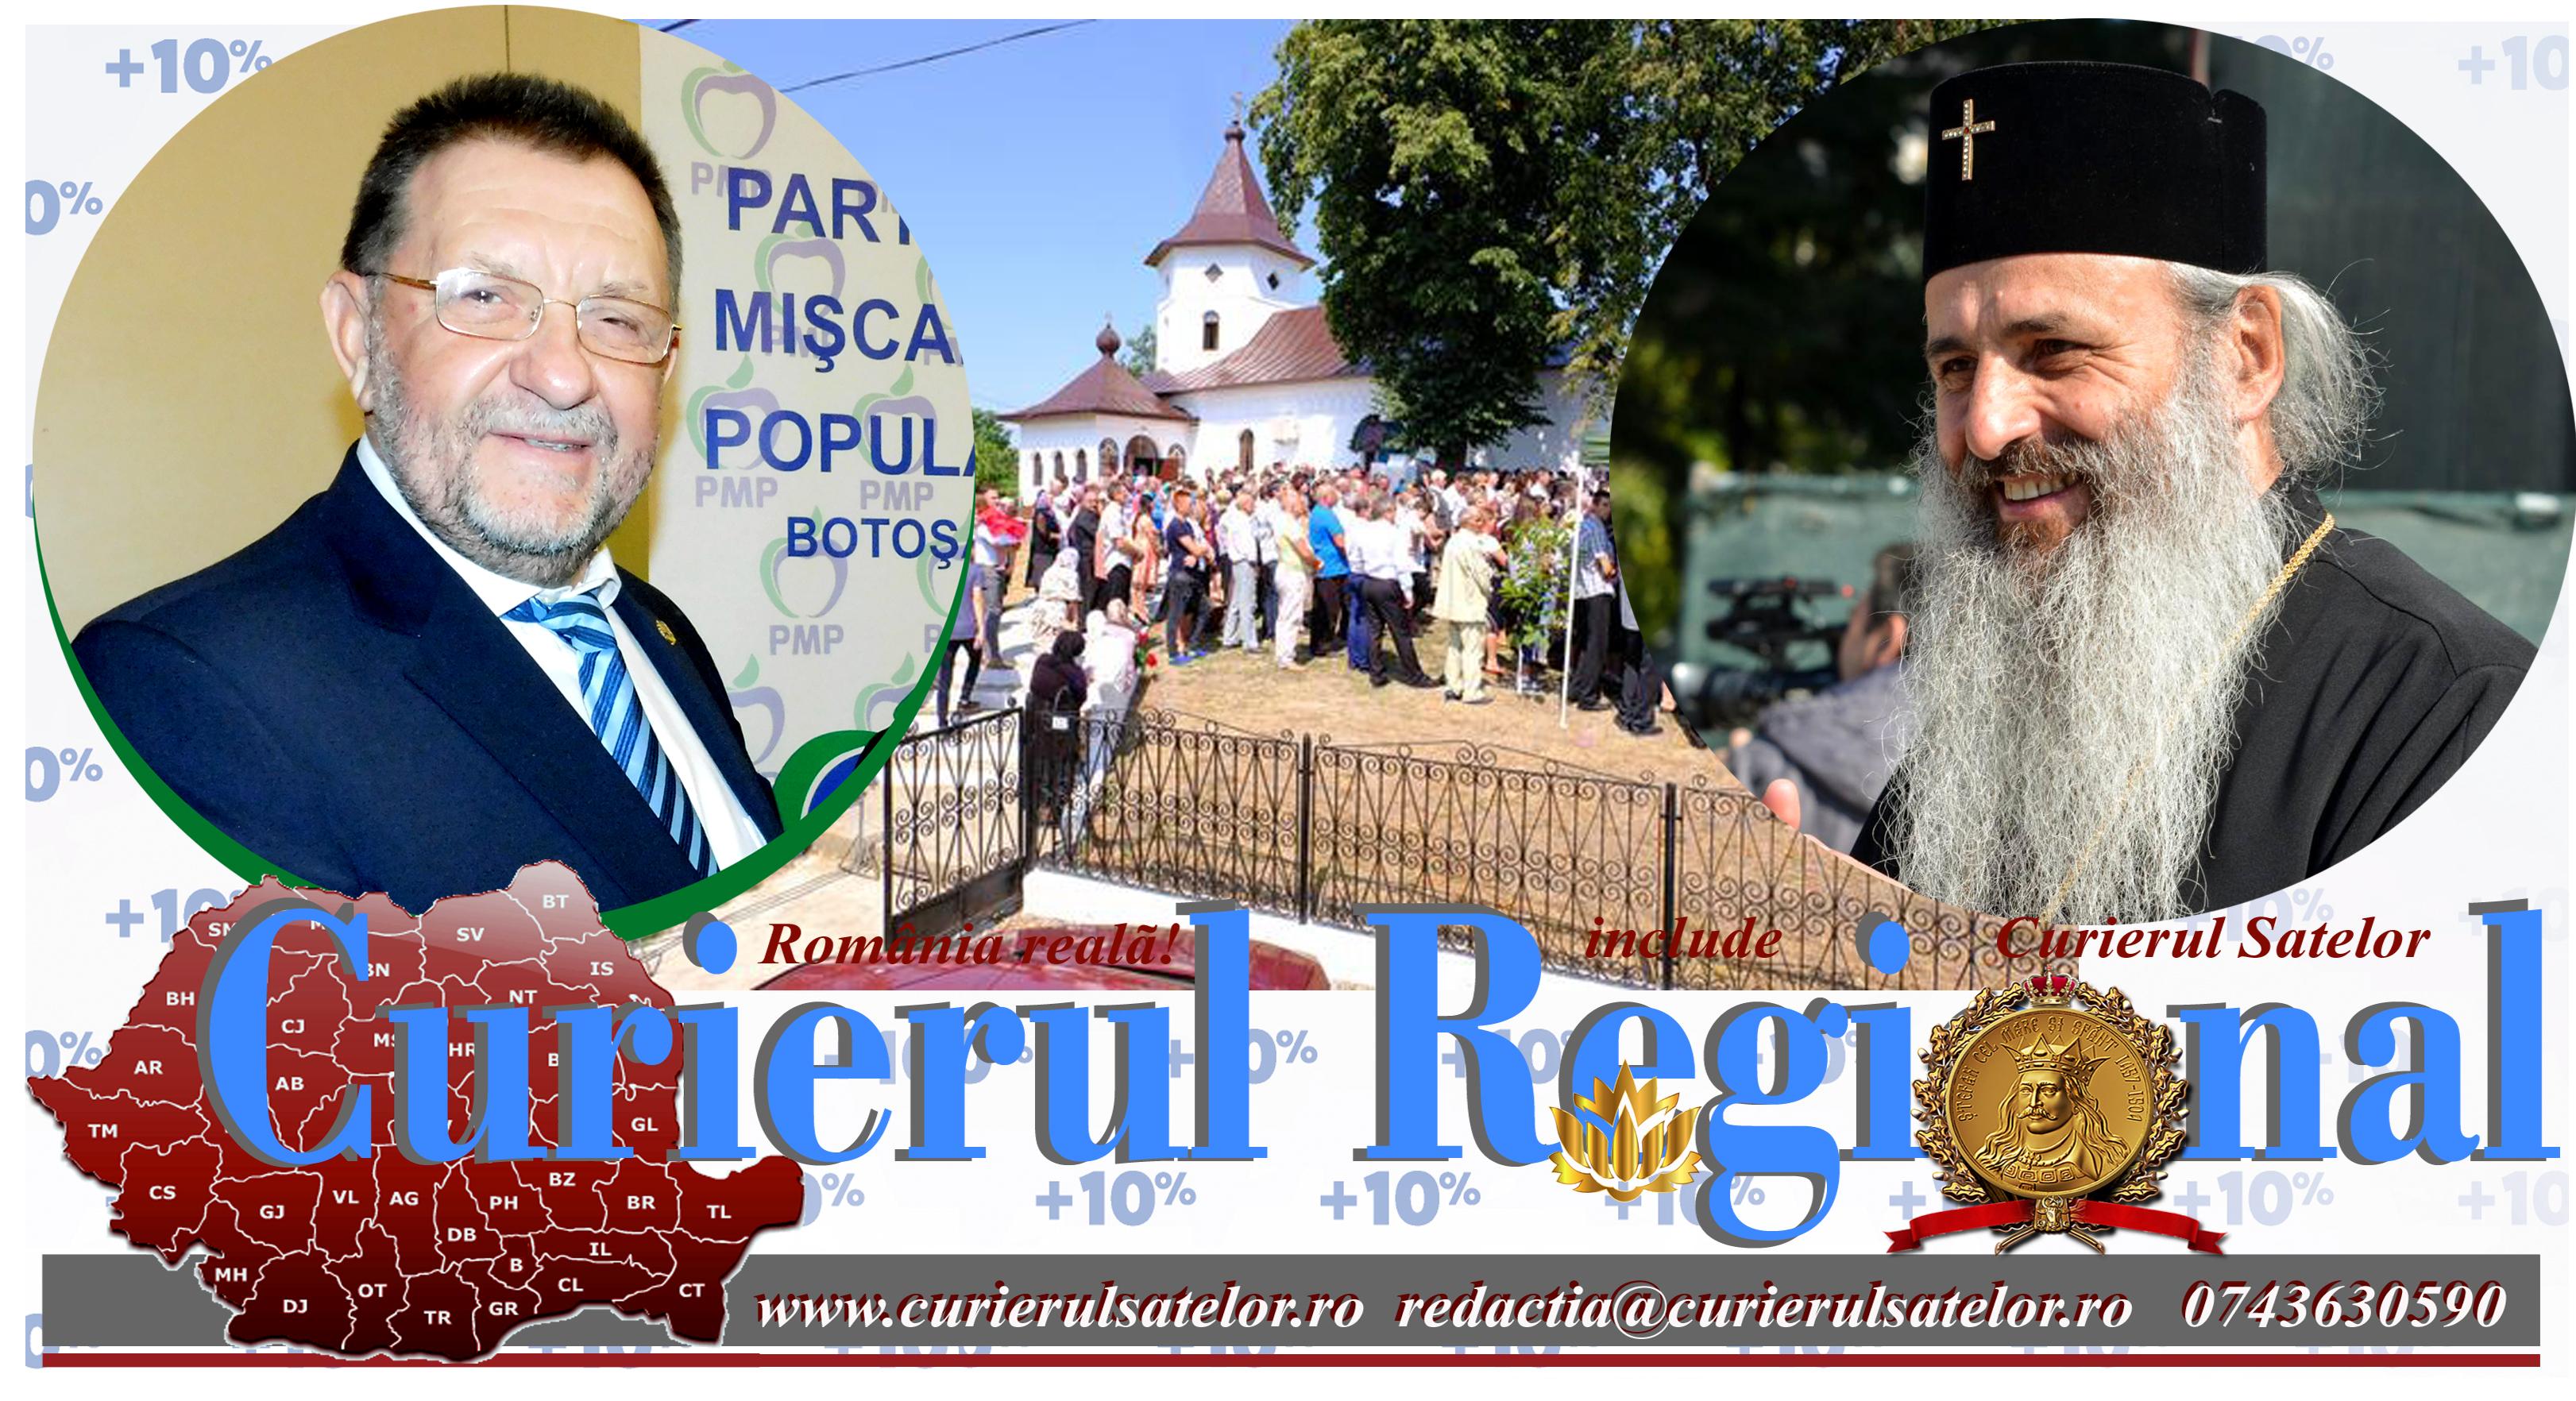 Salvarea satelor descoperită de un politician după vizita IPS Teofan în Botoșani - video 8